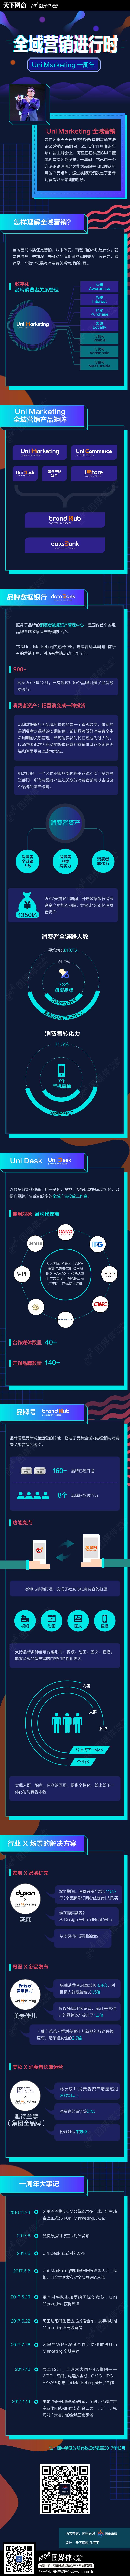 Uni Marketing 一周年信息图 V2-1-01